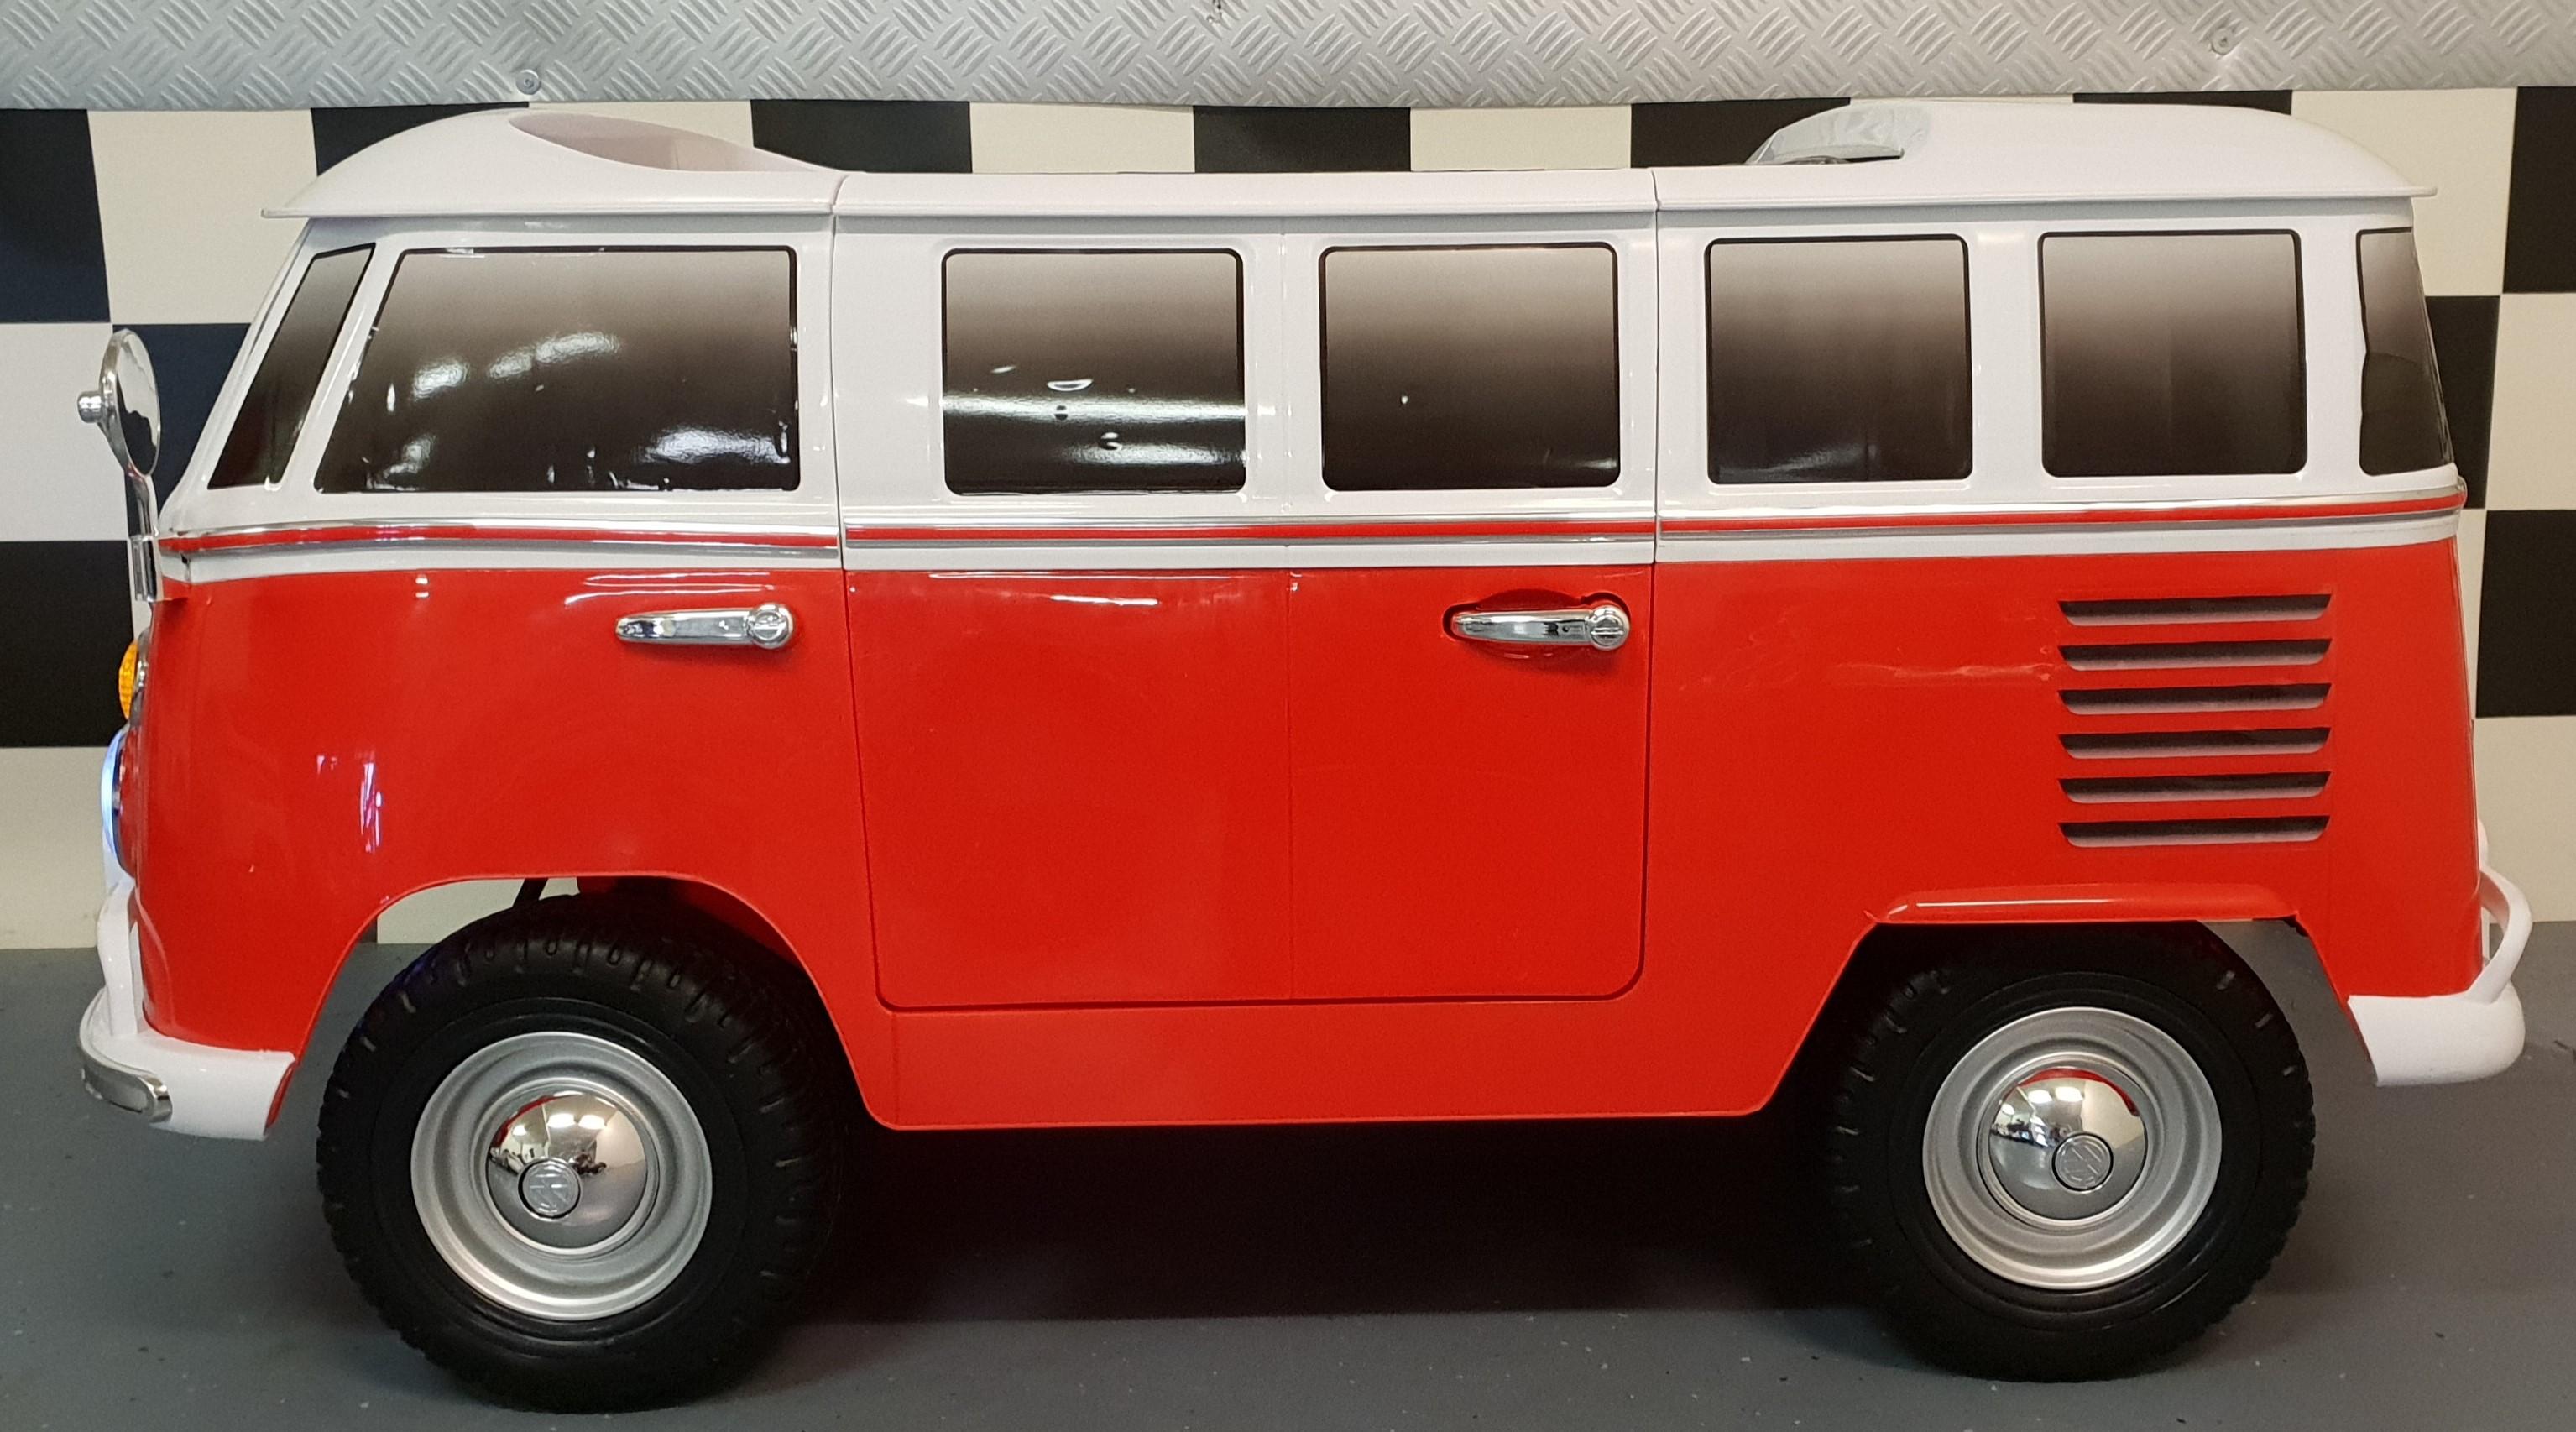 volkswagen samba t1 kinderbus rood 12 volt 2 4g. Black Bedroom Furniture Sets. Home Design Ideas